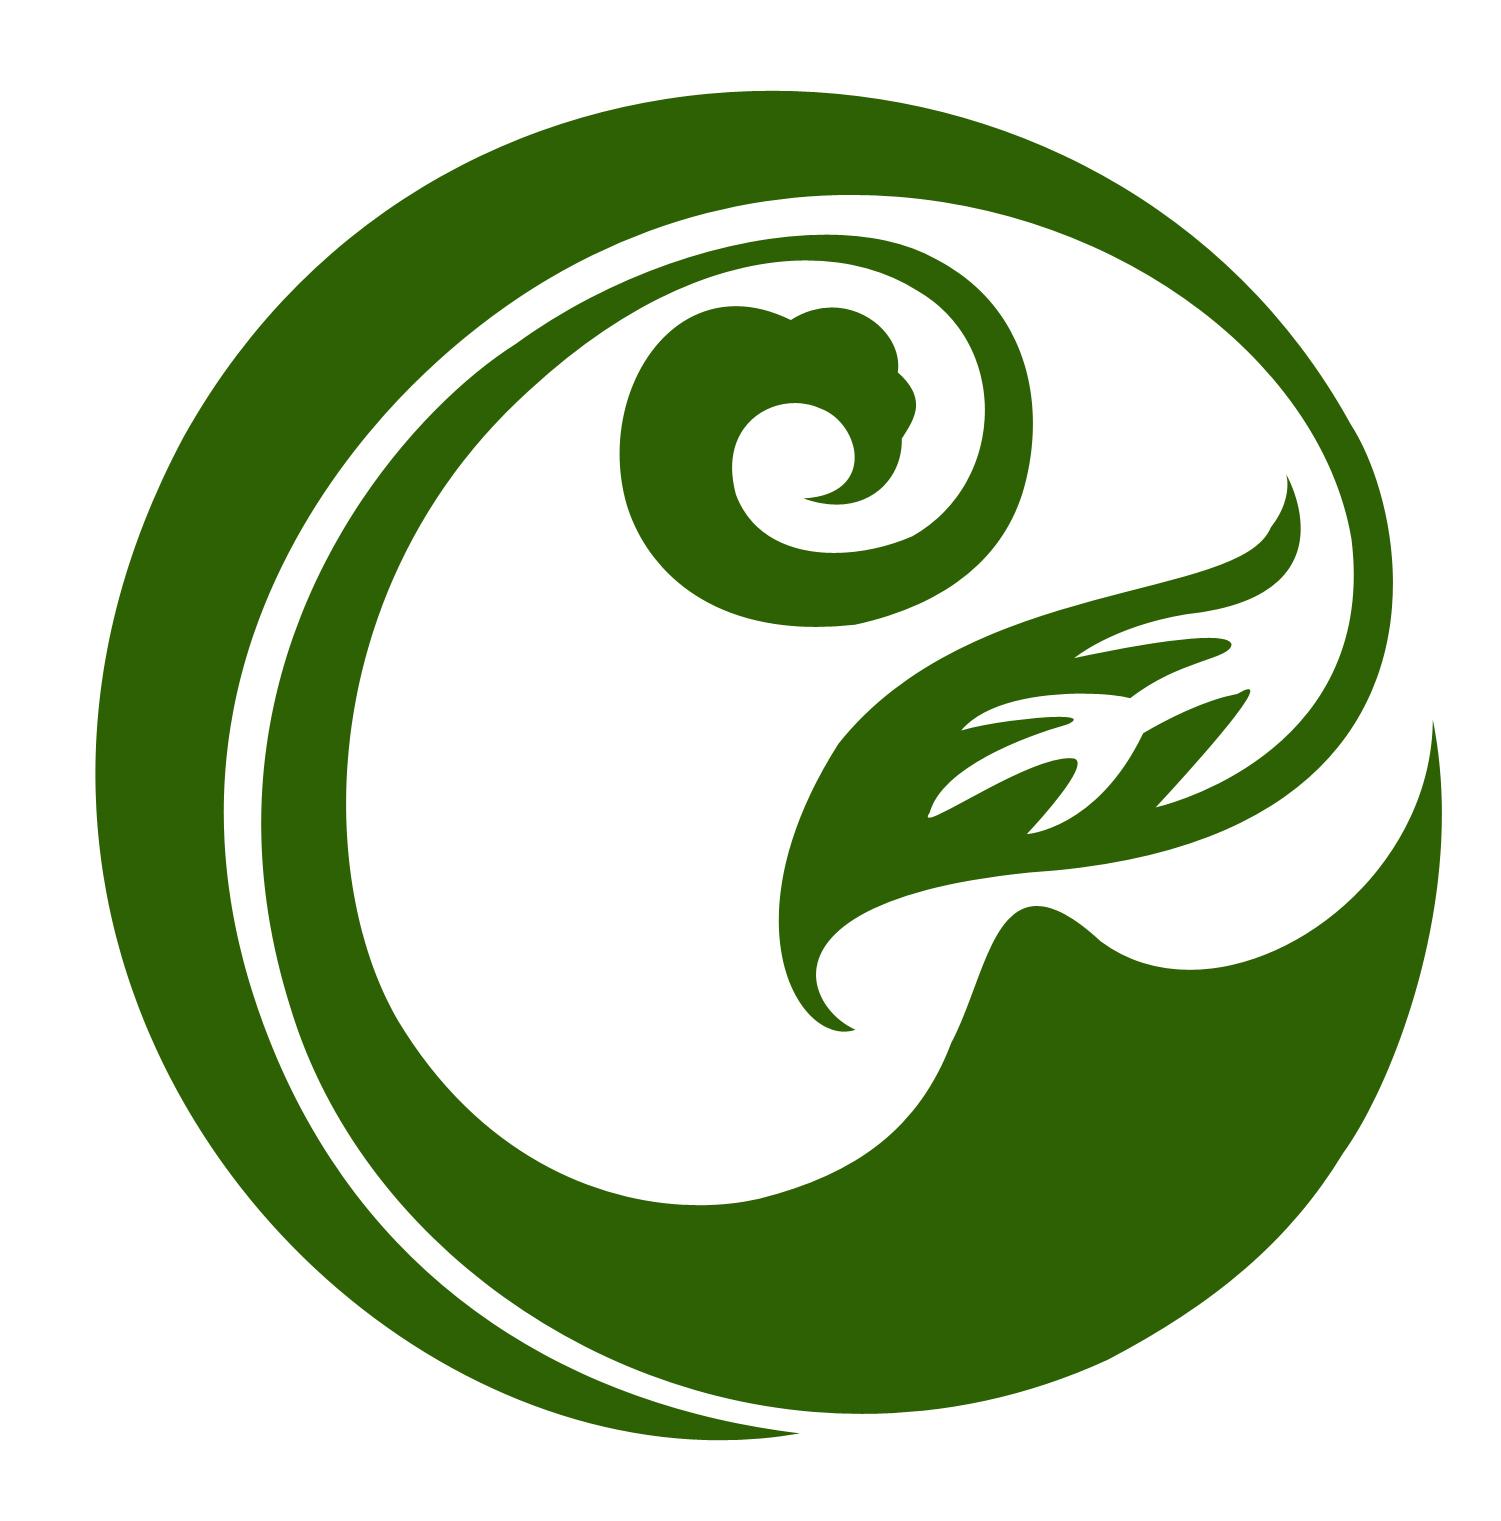 标志下载 logo设计标志_矢量标志下载免费标识素材